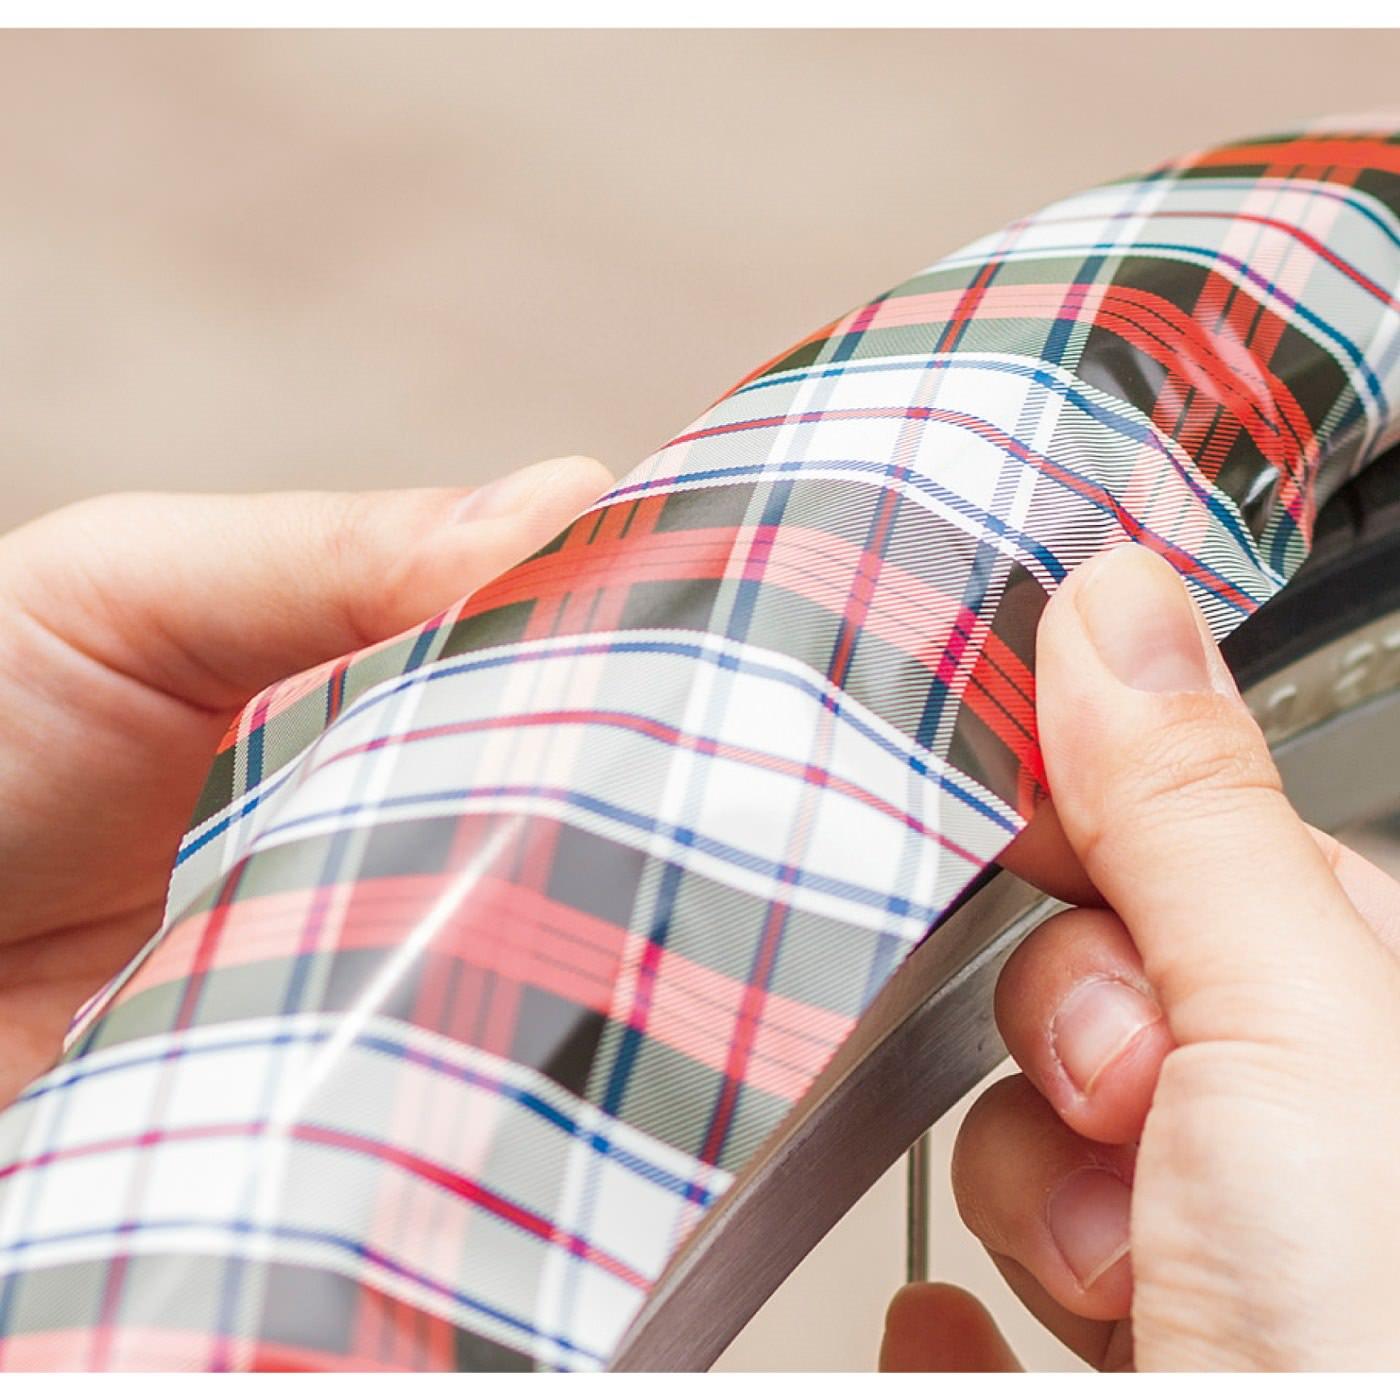 薄手でやわらかい素材を使用しているので、自転車フレームの多少の曲面にもフィットして貼りやすい。